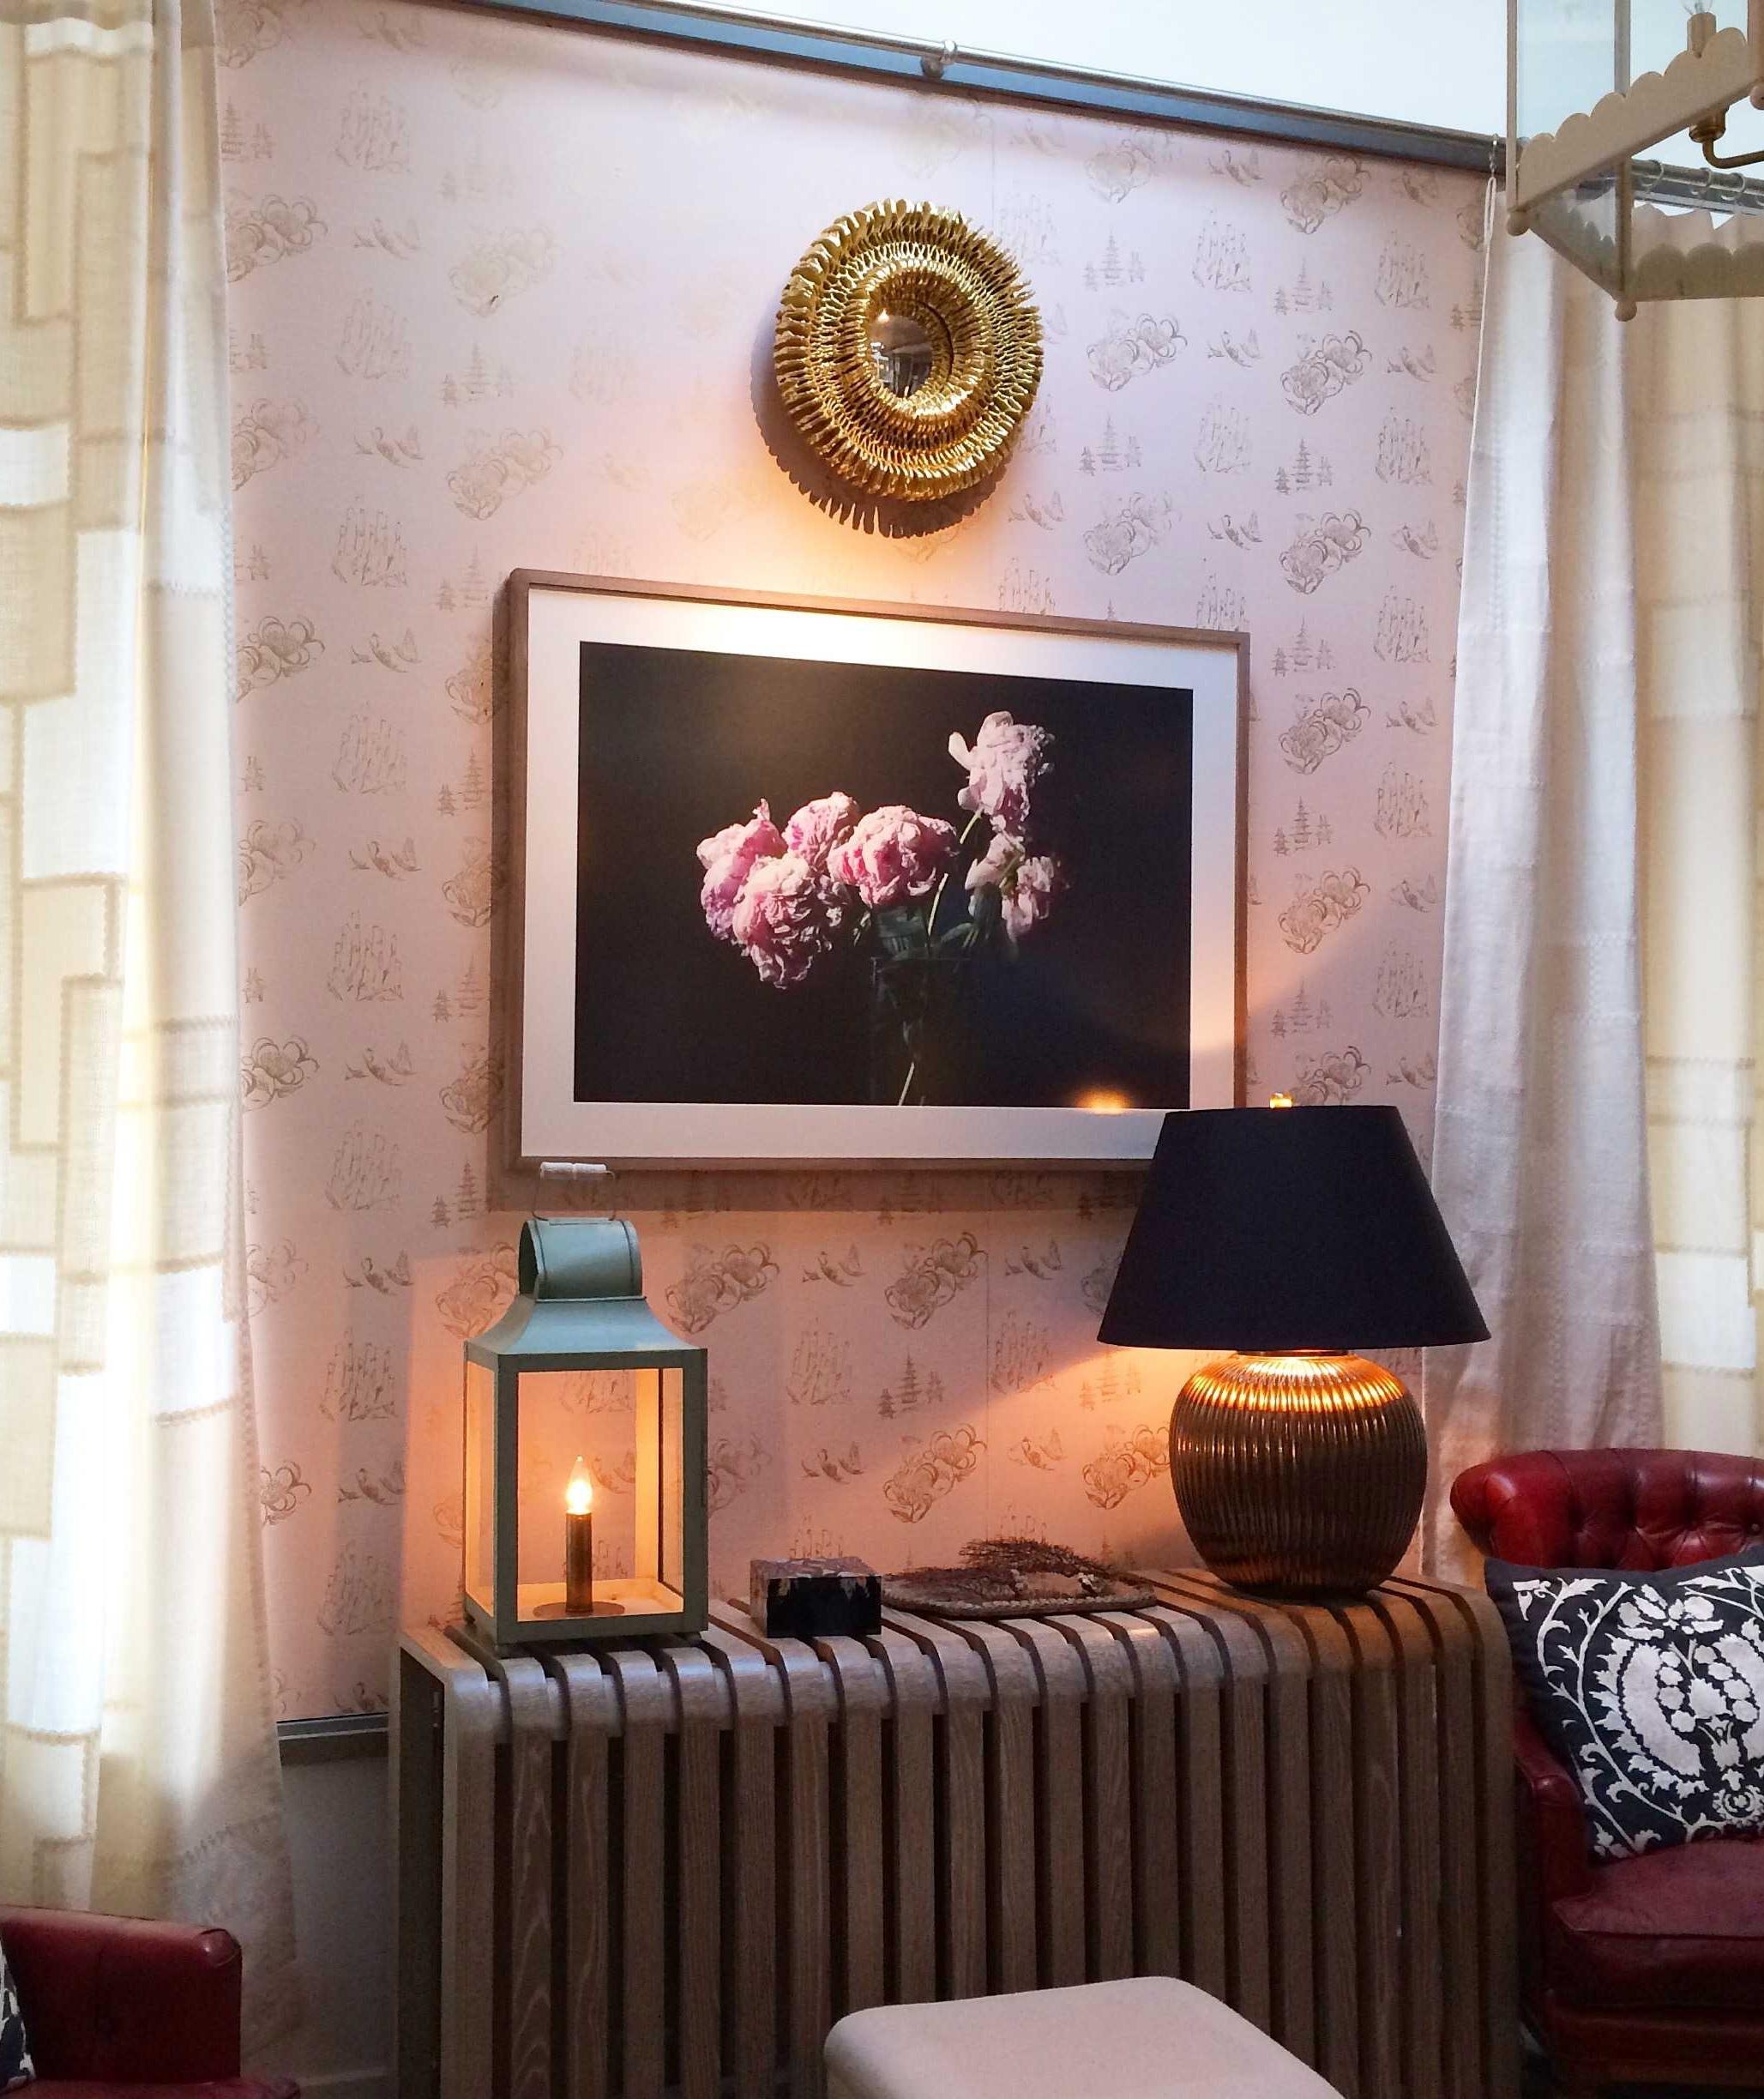 Toile Wallpaper in Blush, Harbinger Showroom